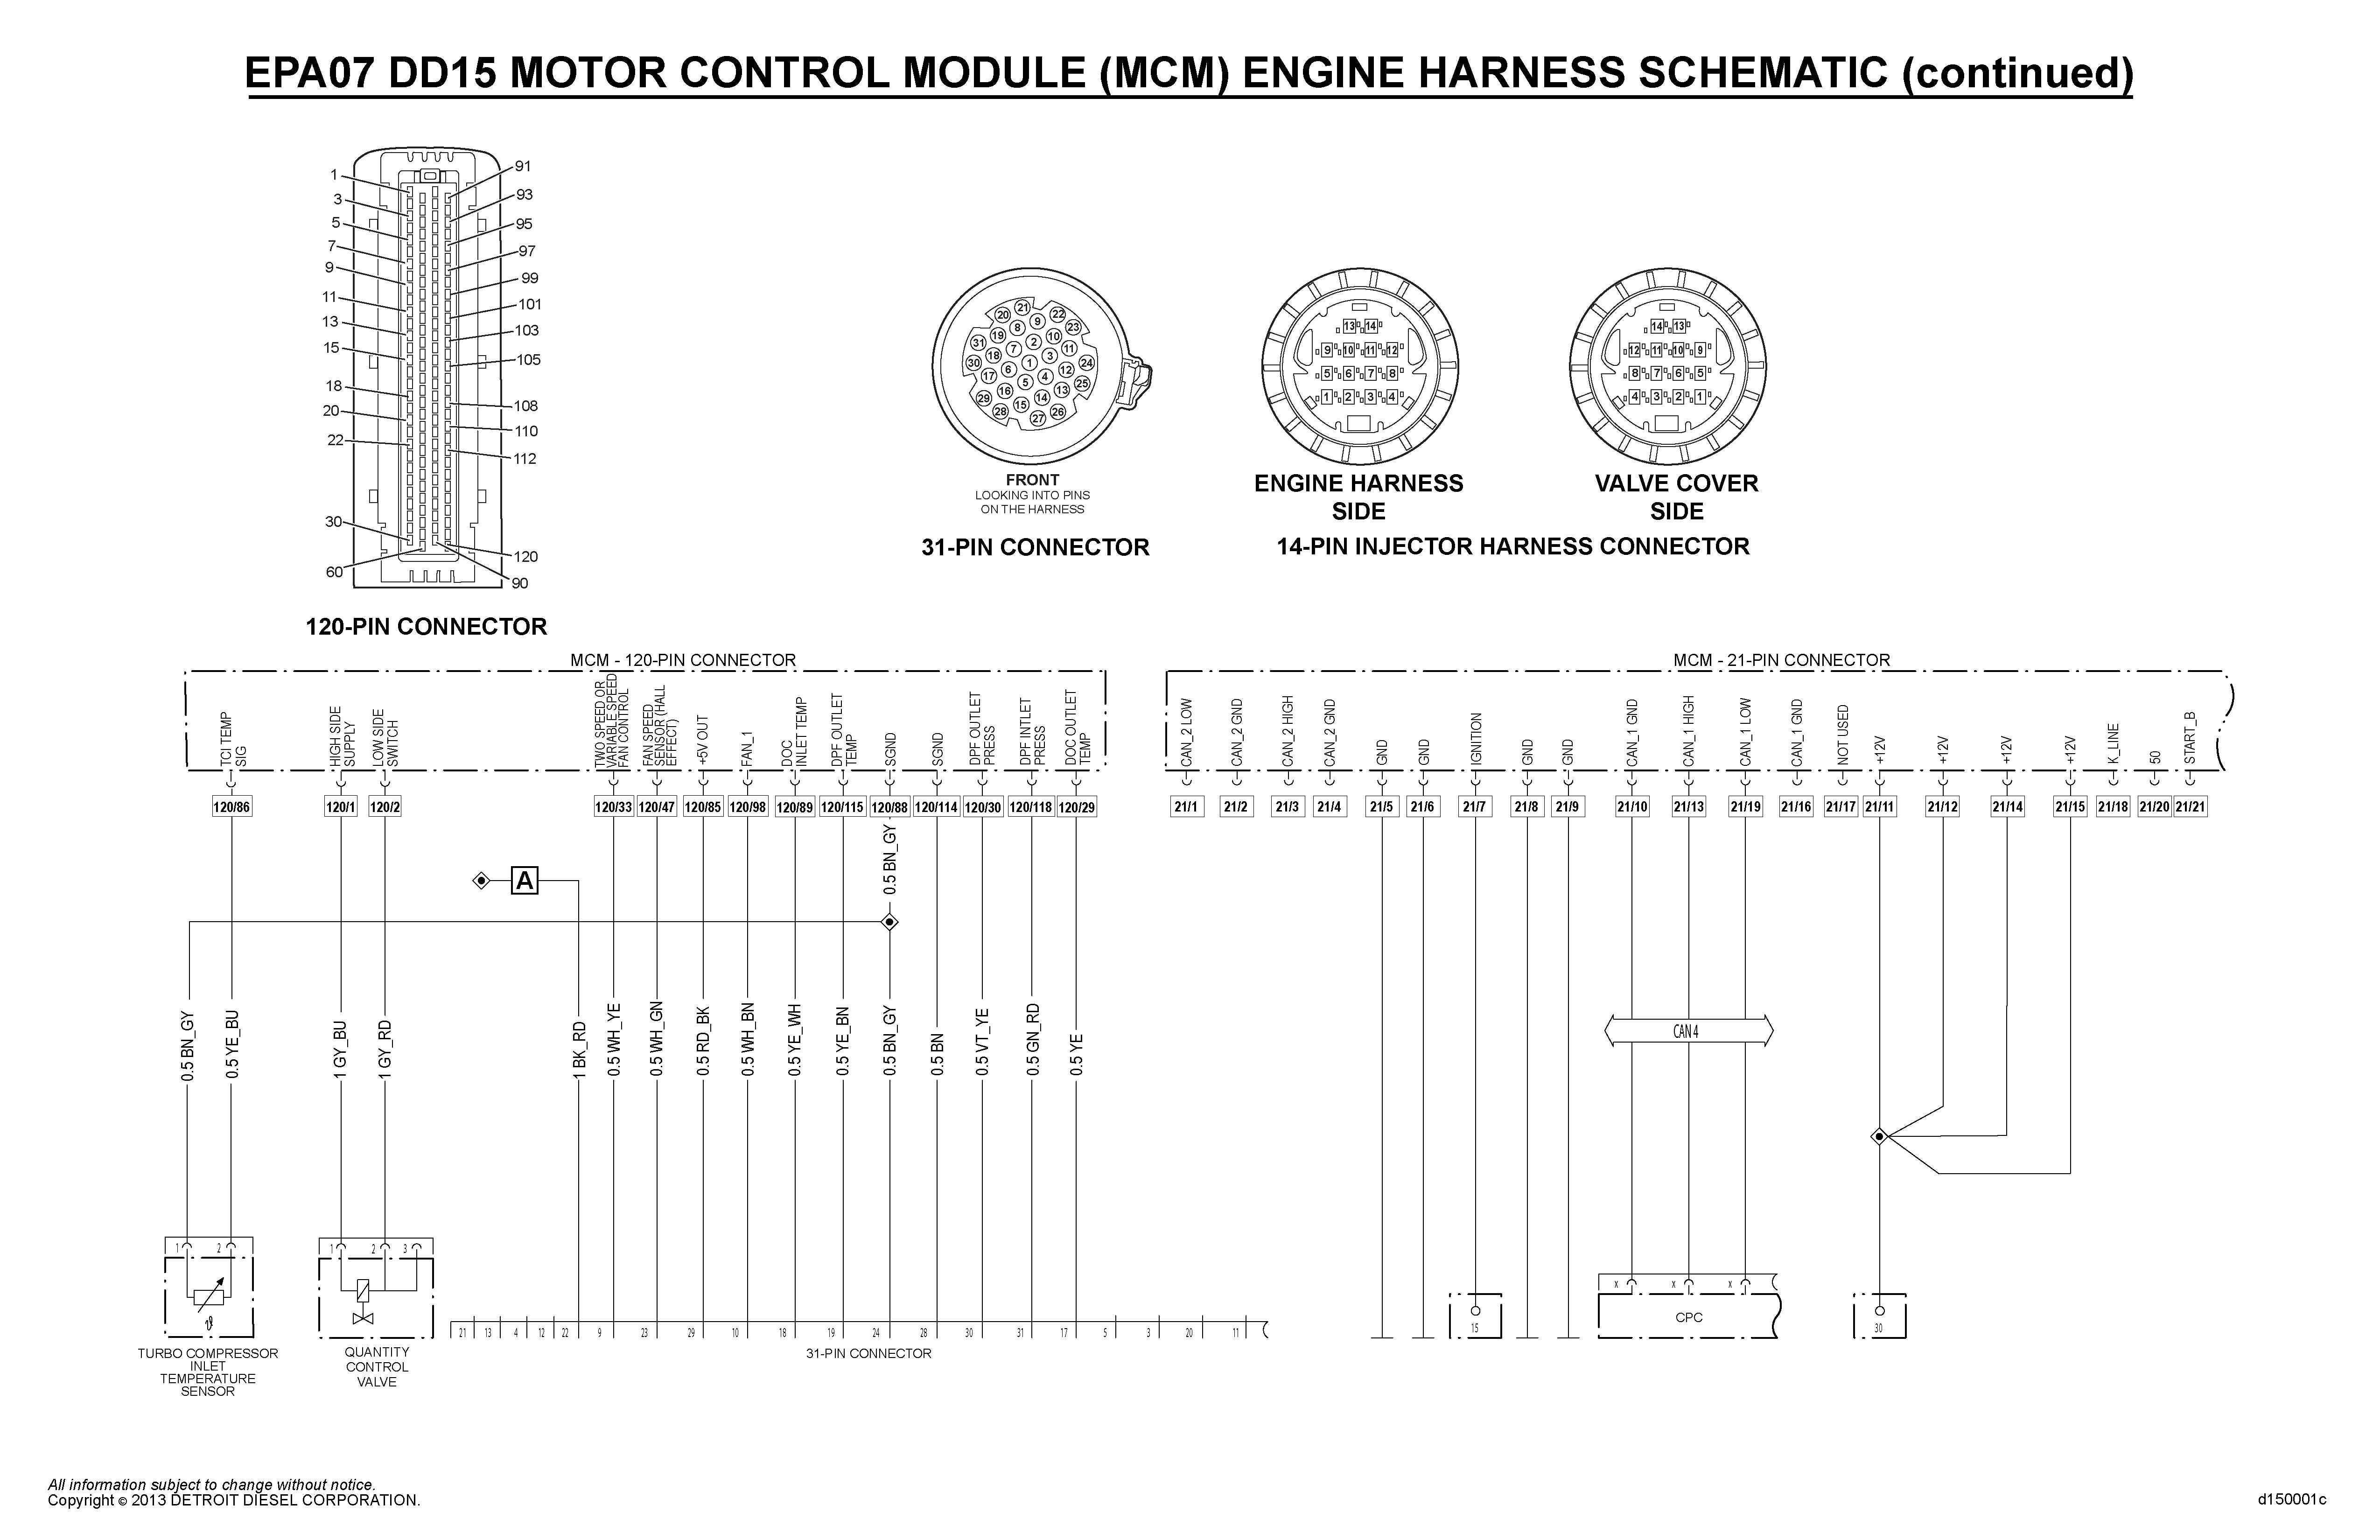 Kx 1883 1972 Mercruiser 120 Wiring Diagram Wiring Diagram